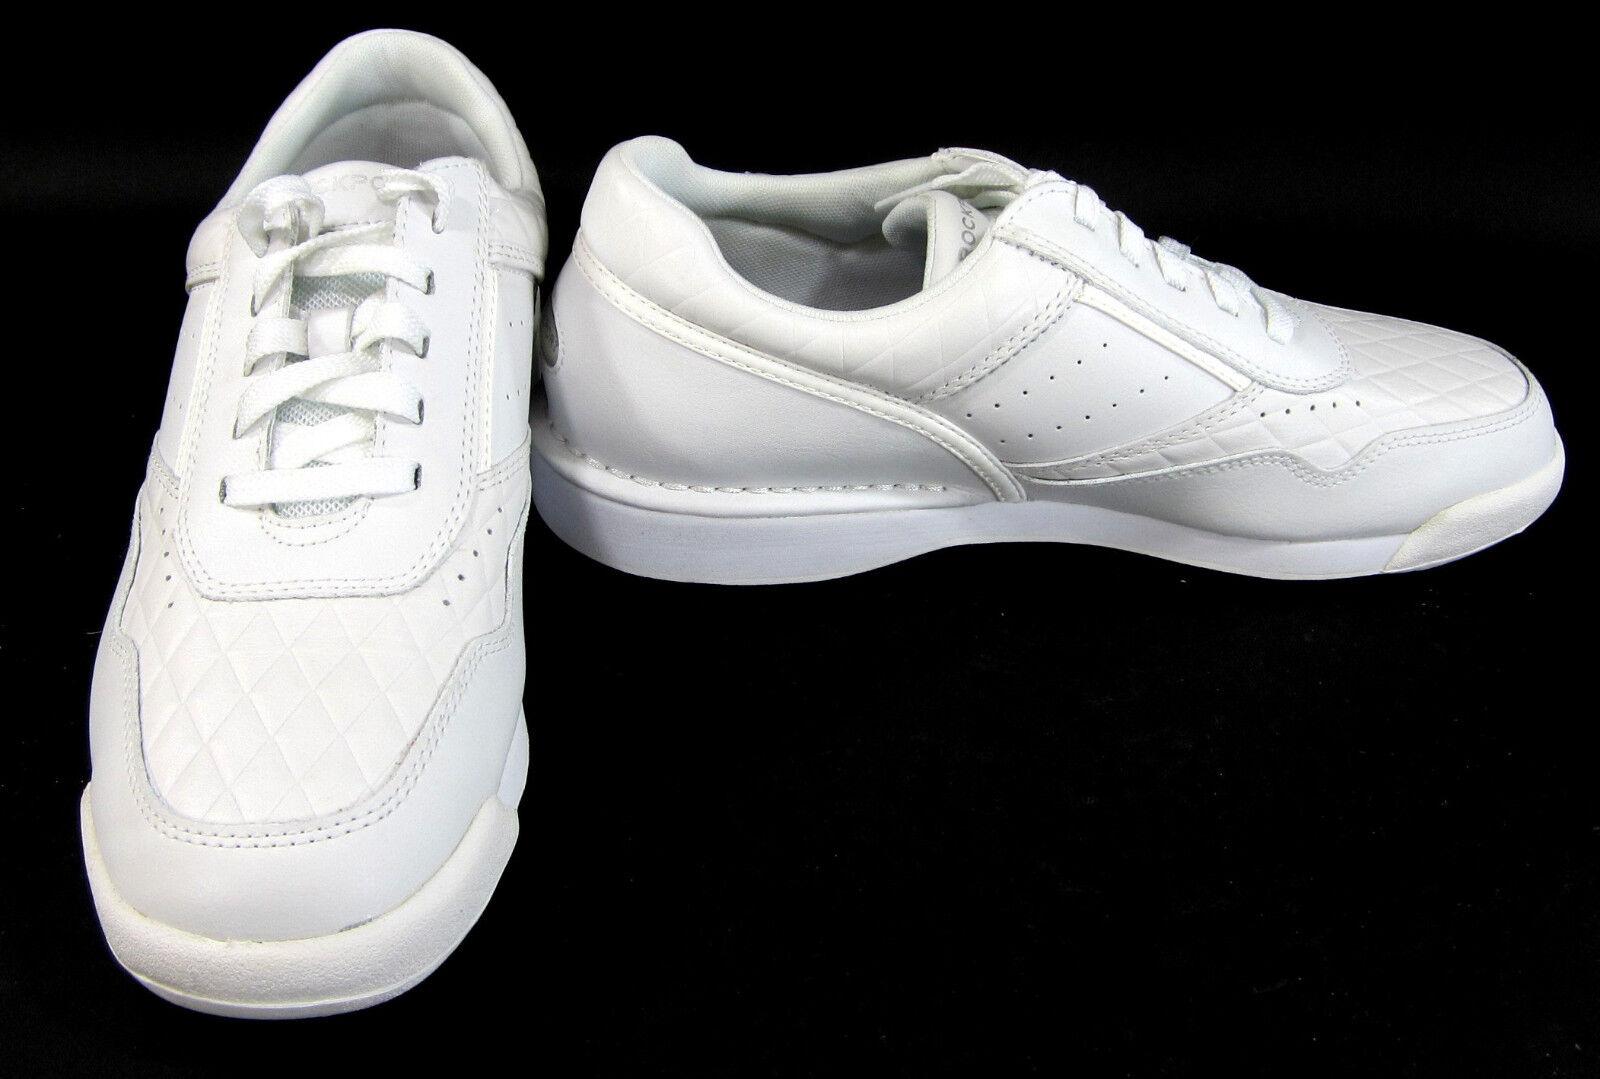 Rockport Scarpe Lo Athletic Pelle Diamond  New White Scarpe da Ginnastica Taglia 10